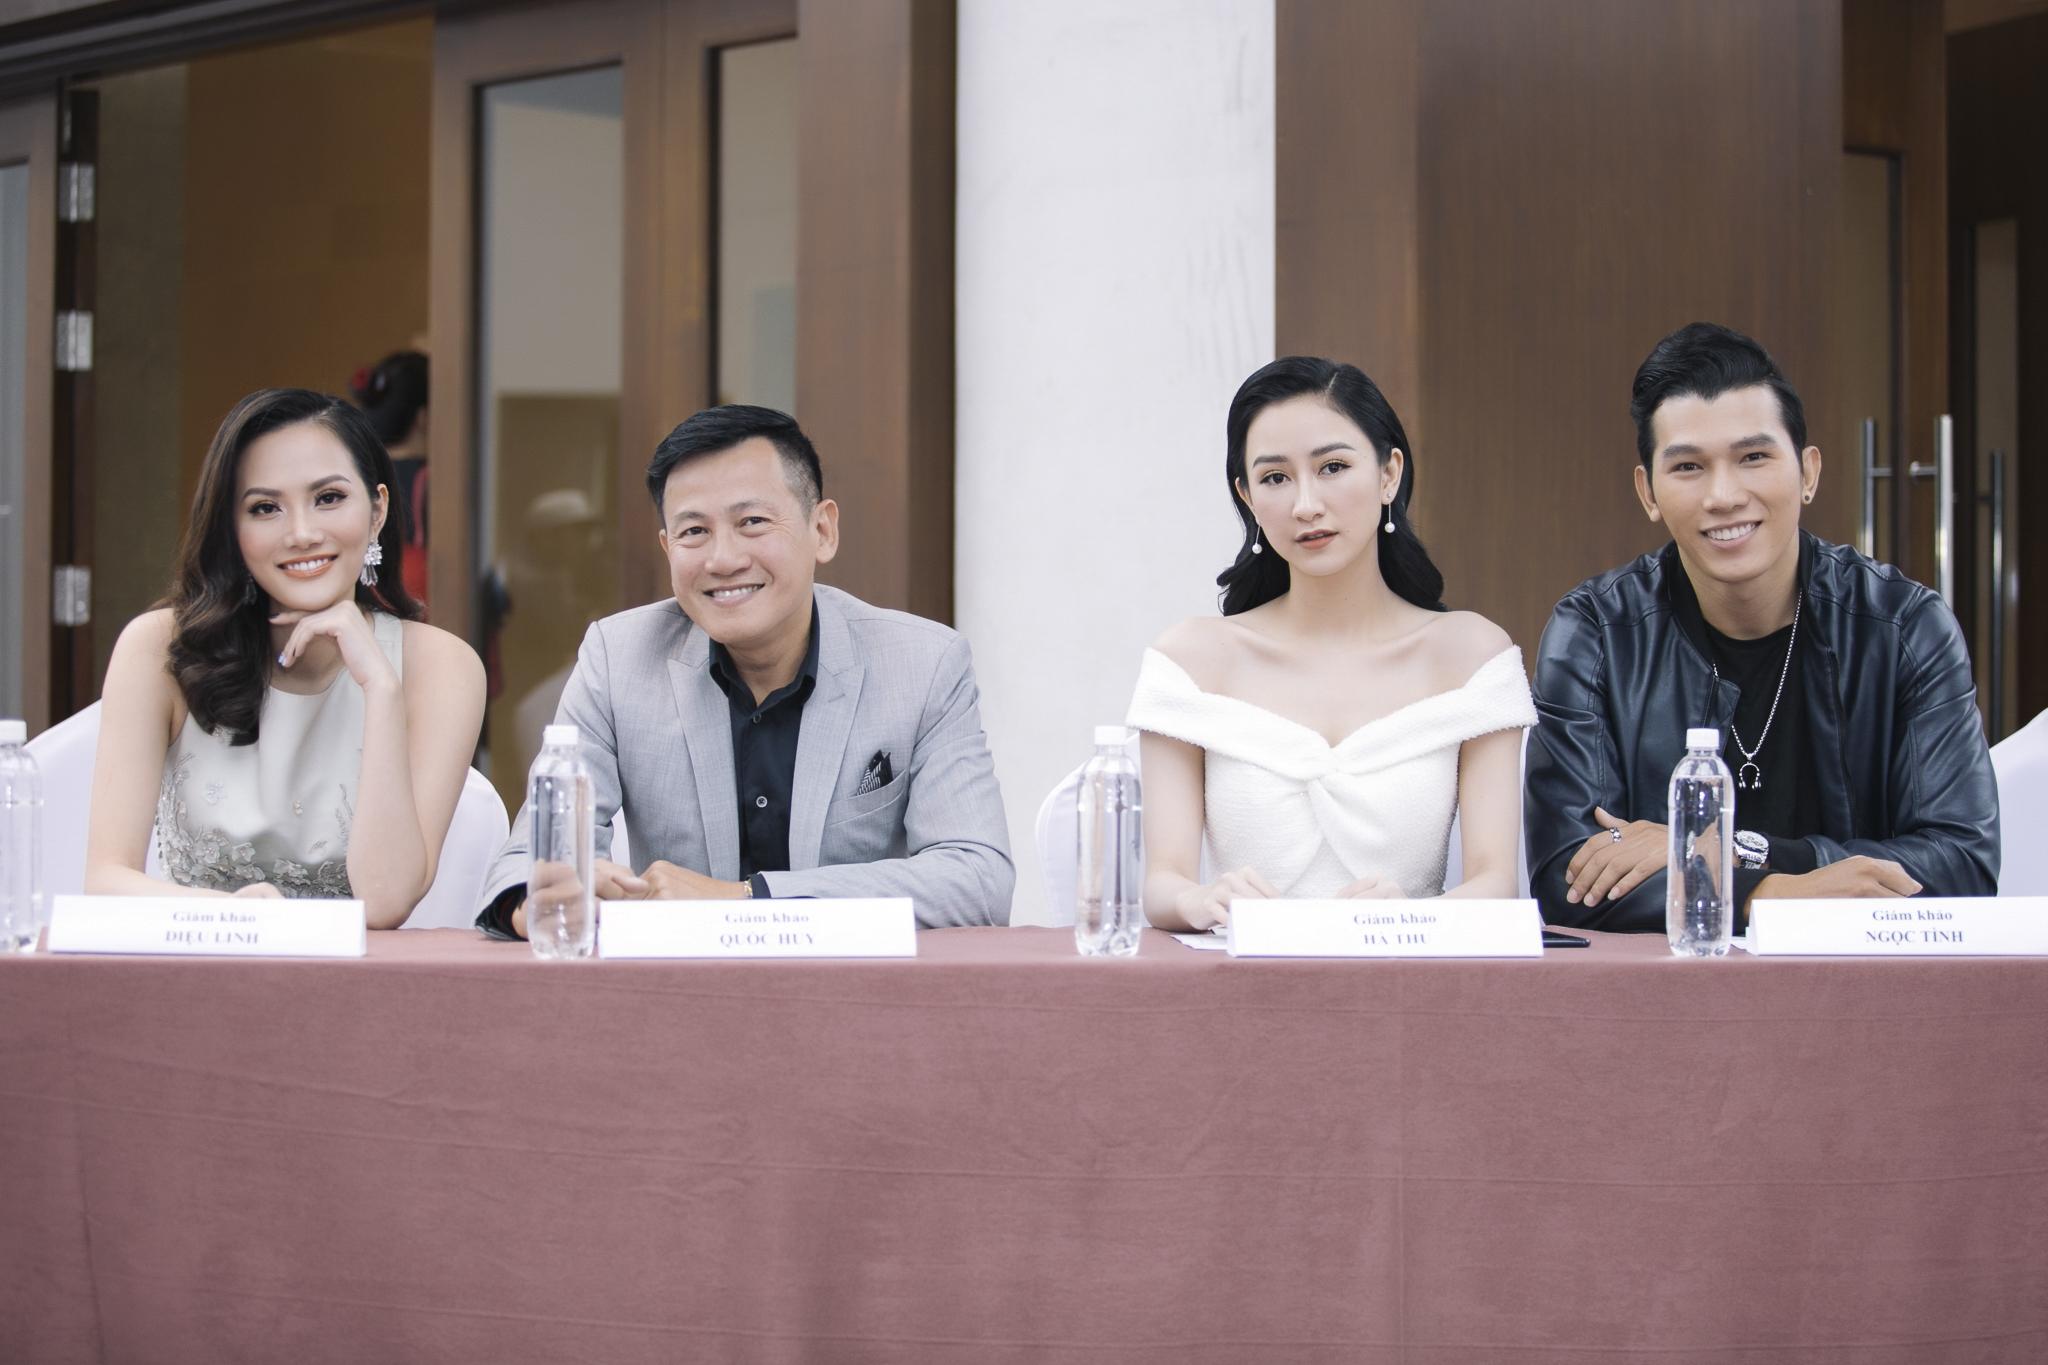 Hà Thu - Diệu Linh ngỡ ngàng trước tài năng của người đẹp Việt 2